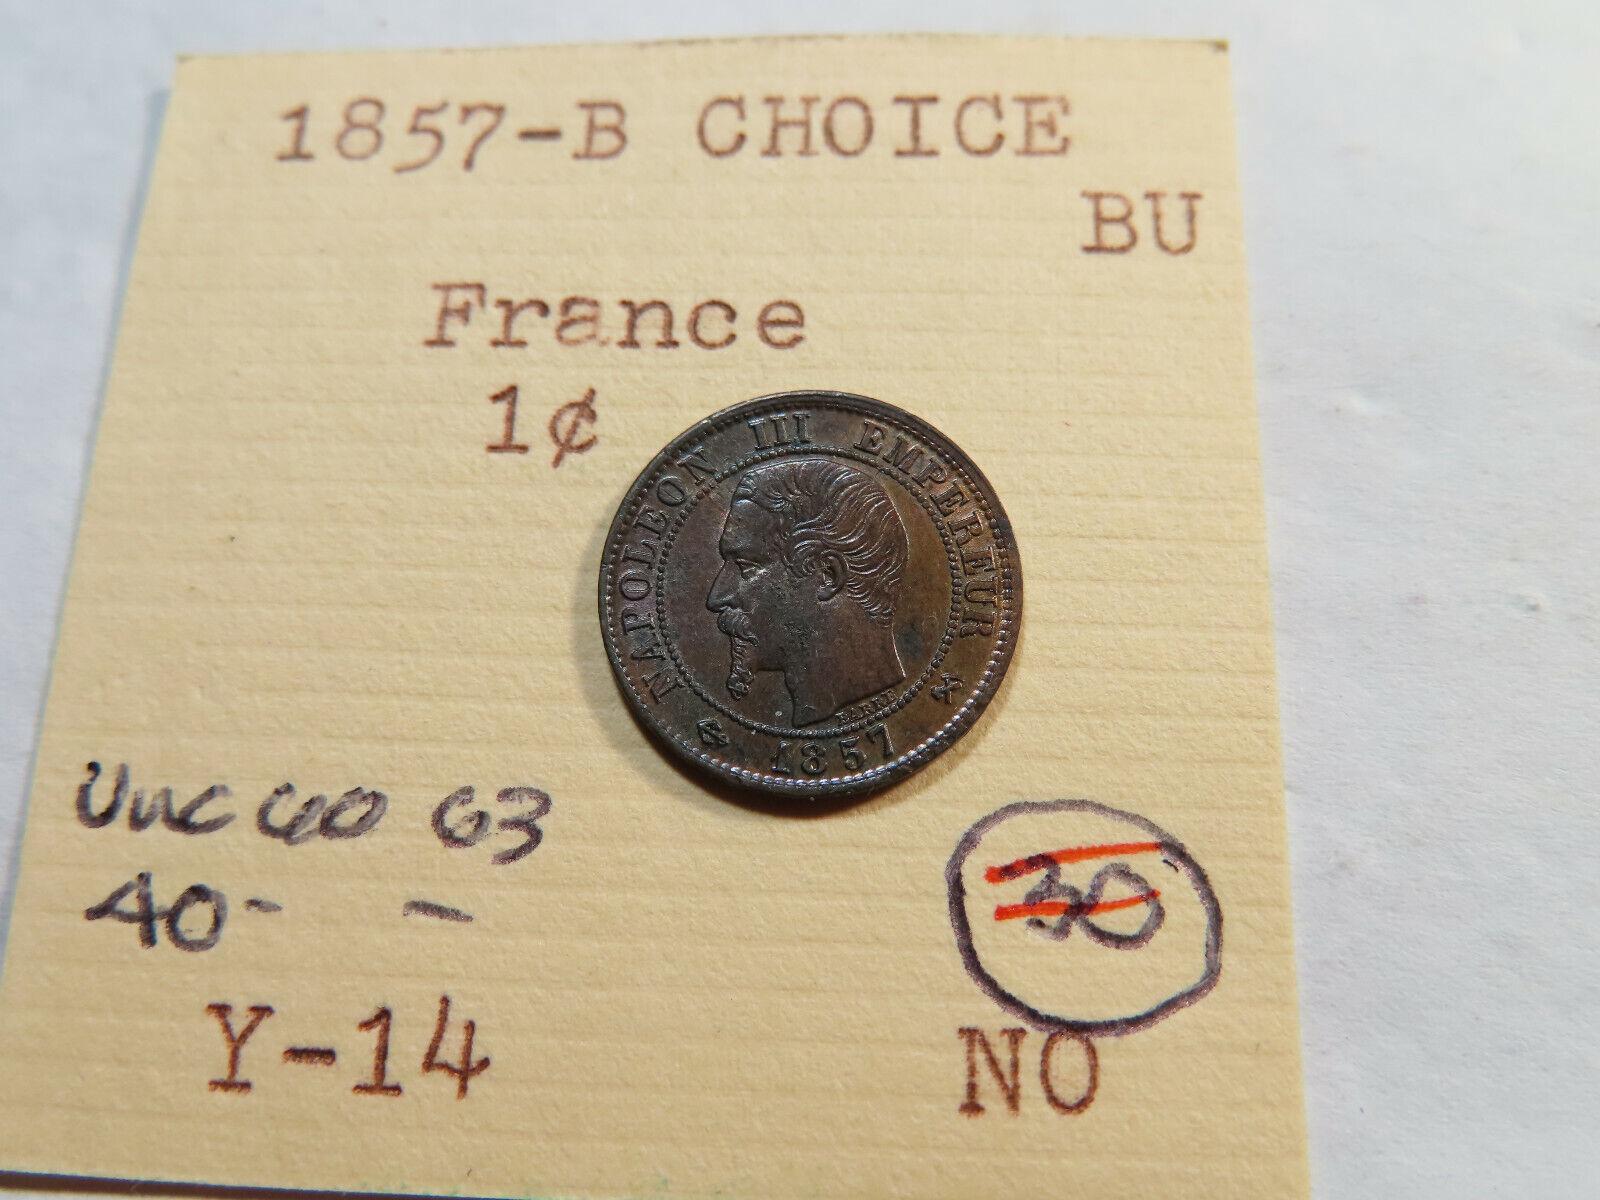 G118 France 1857-B 1 Centime Choice BU - $3.25